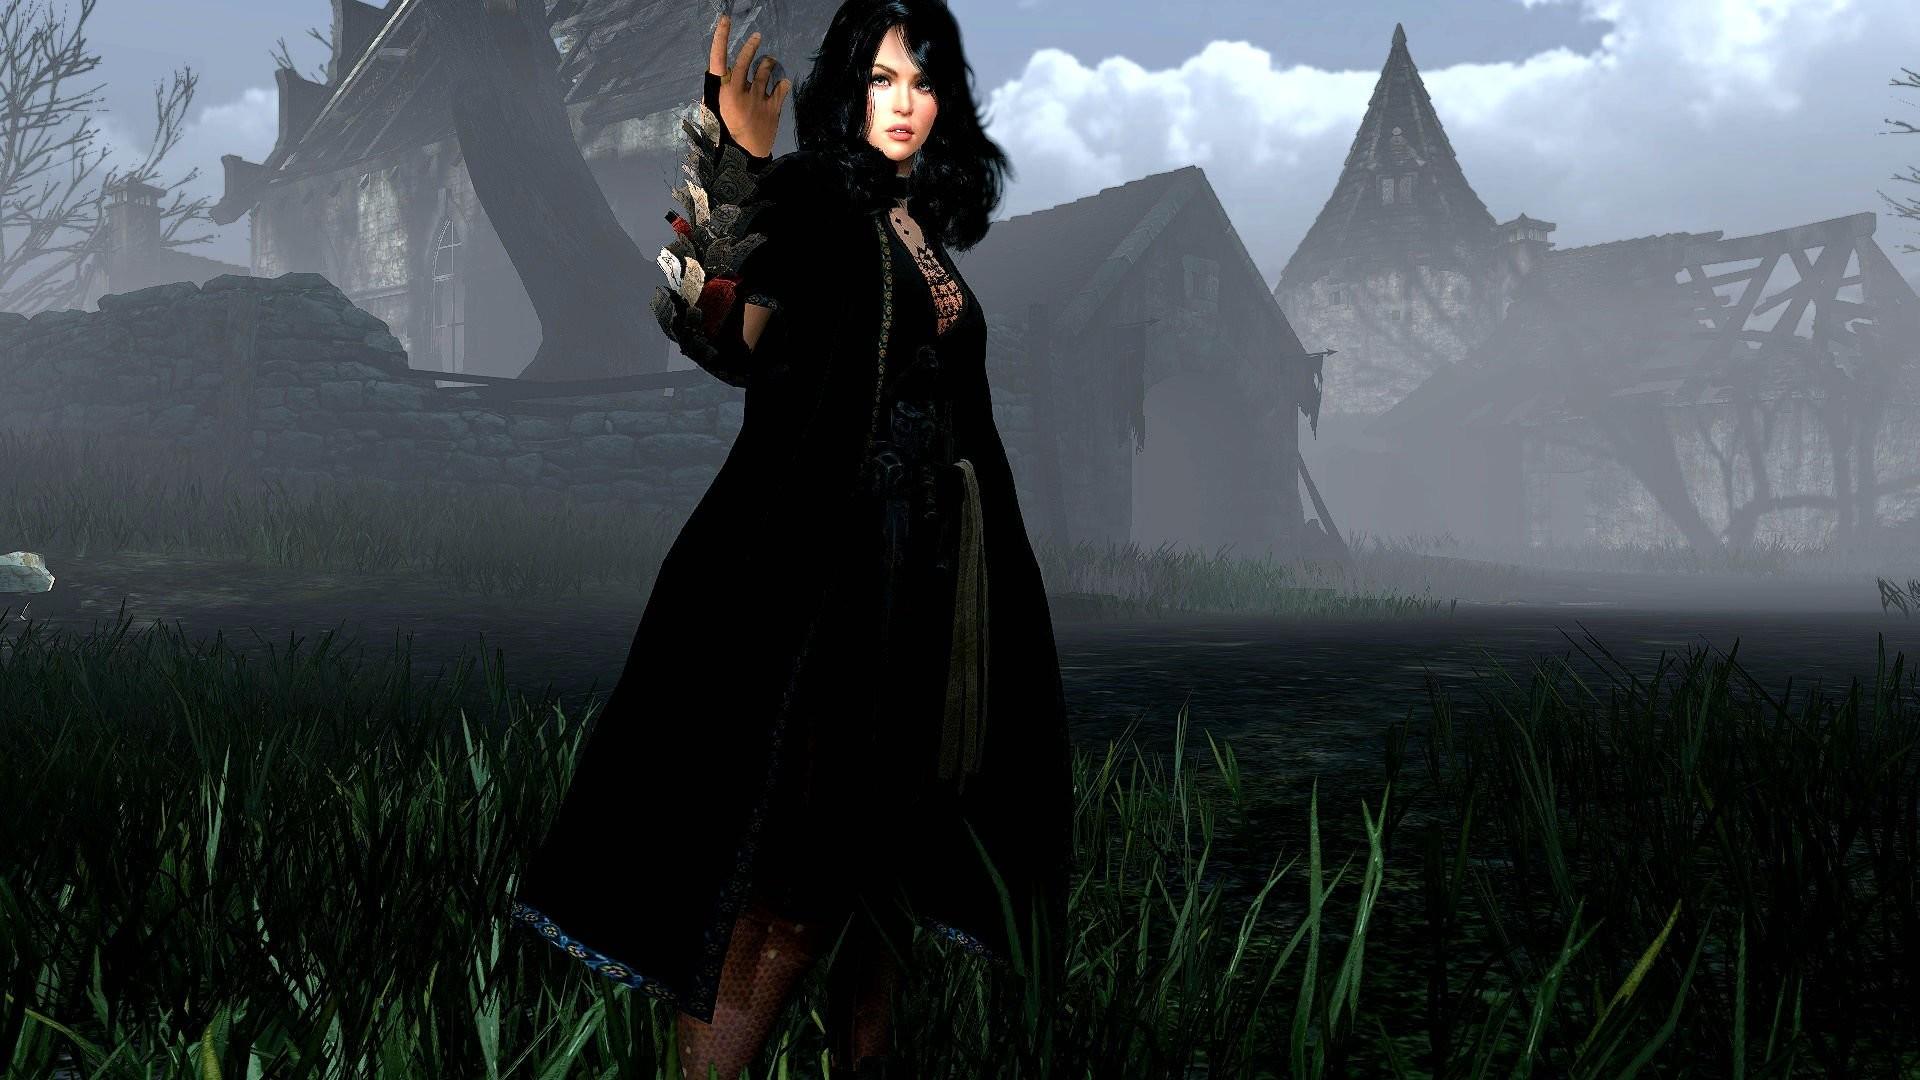 BLACK-DESERT online mmo rpg fantasy fighting action adventure black desert  (22) wallpaper